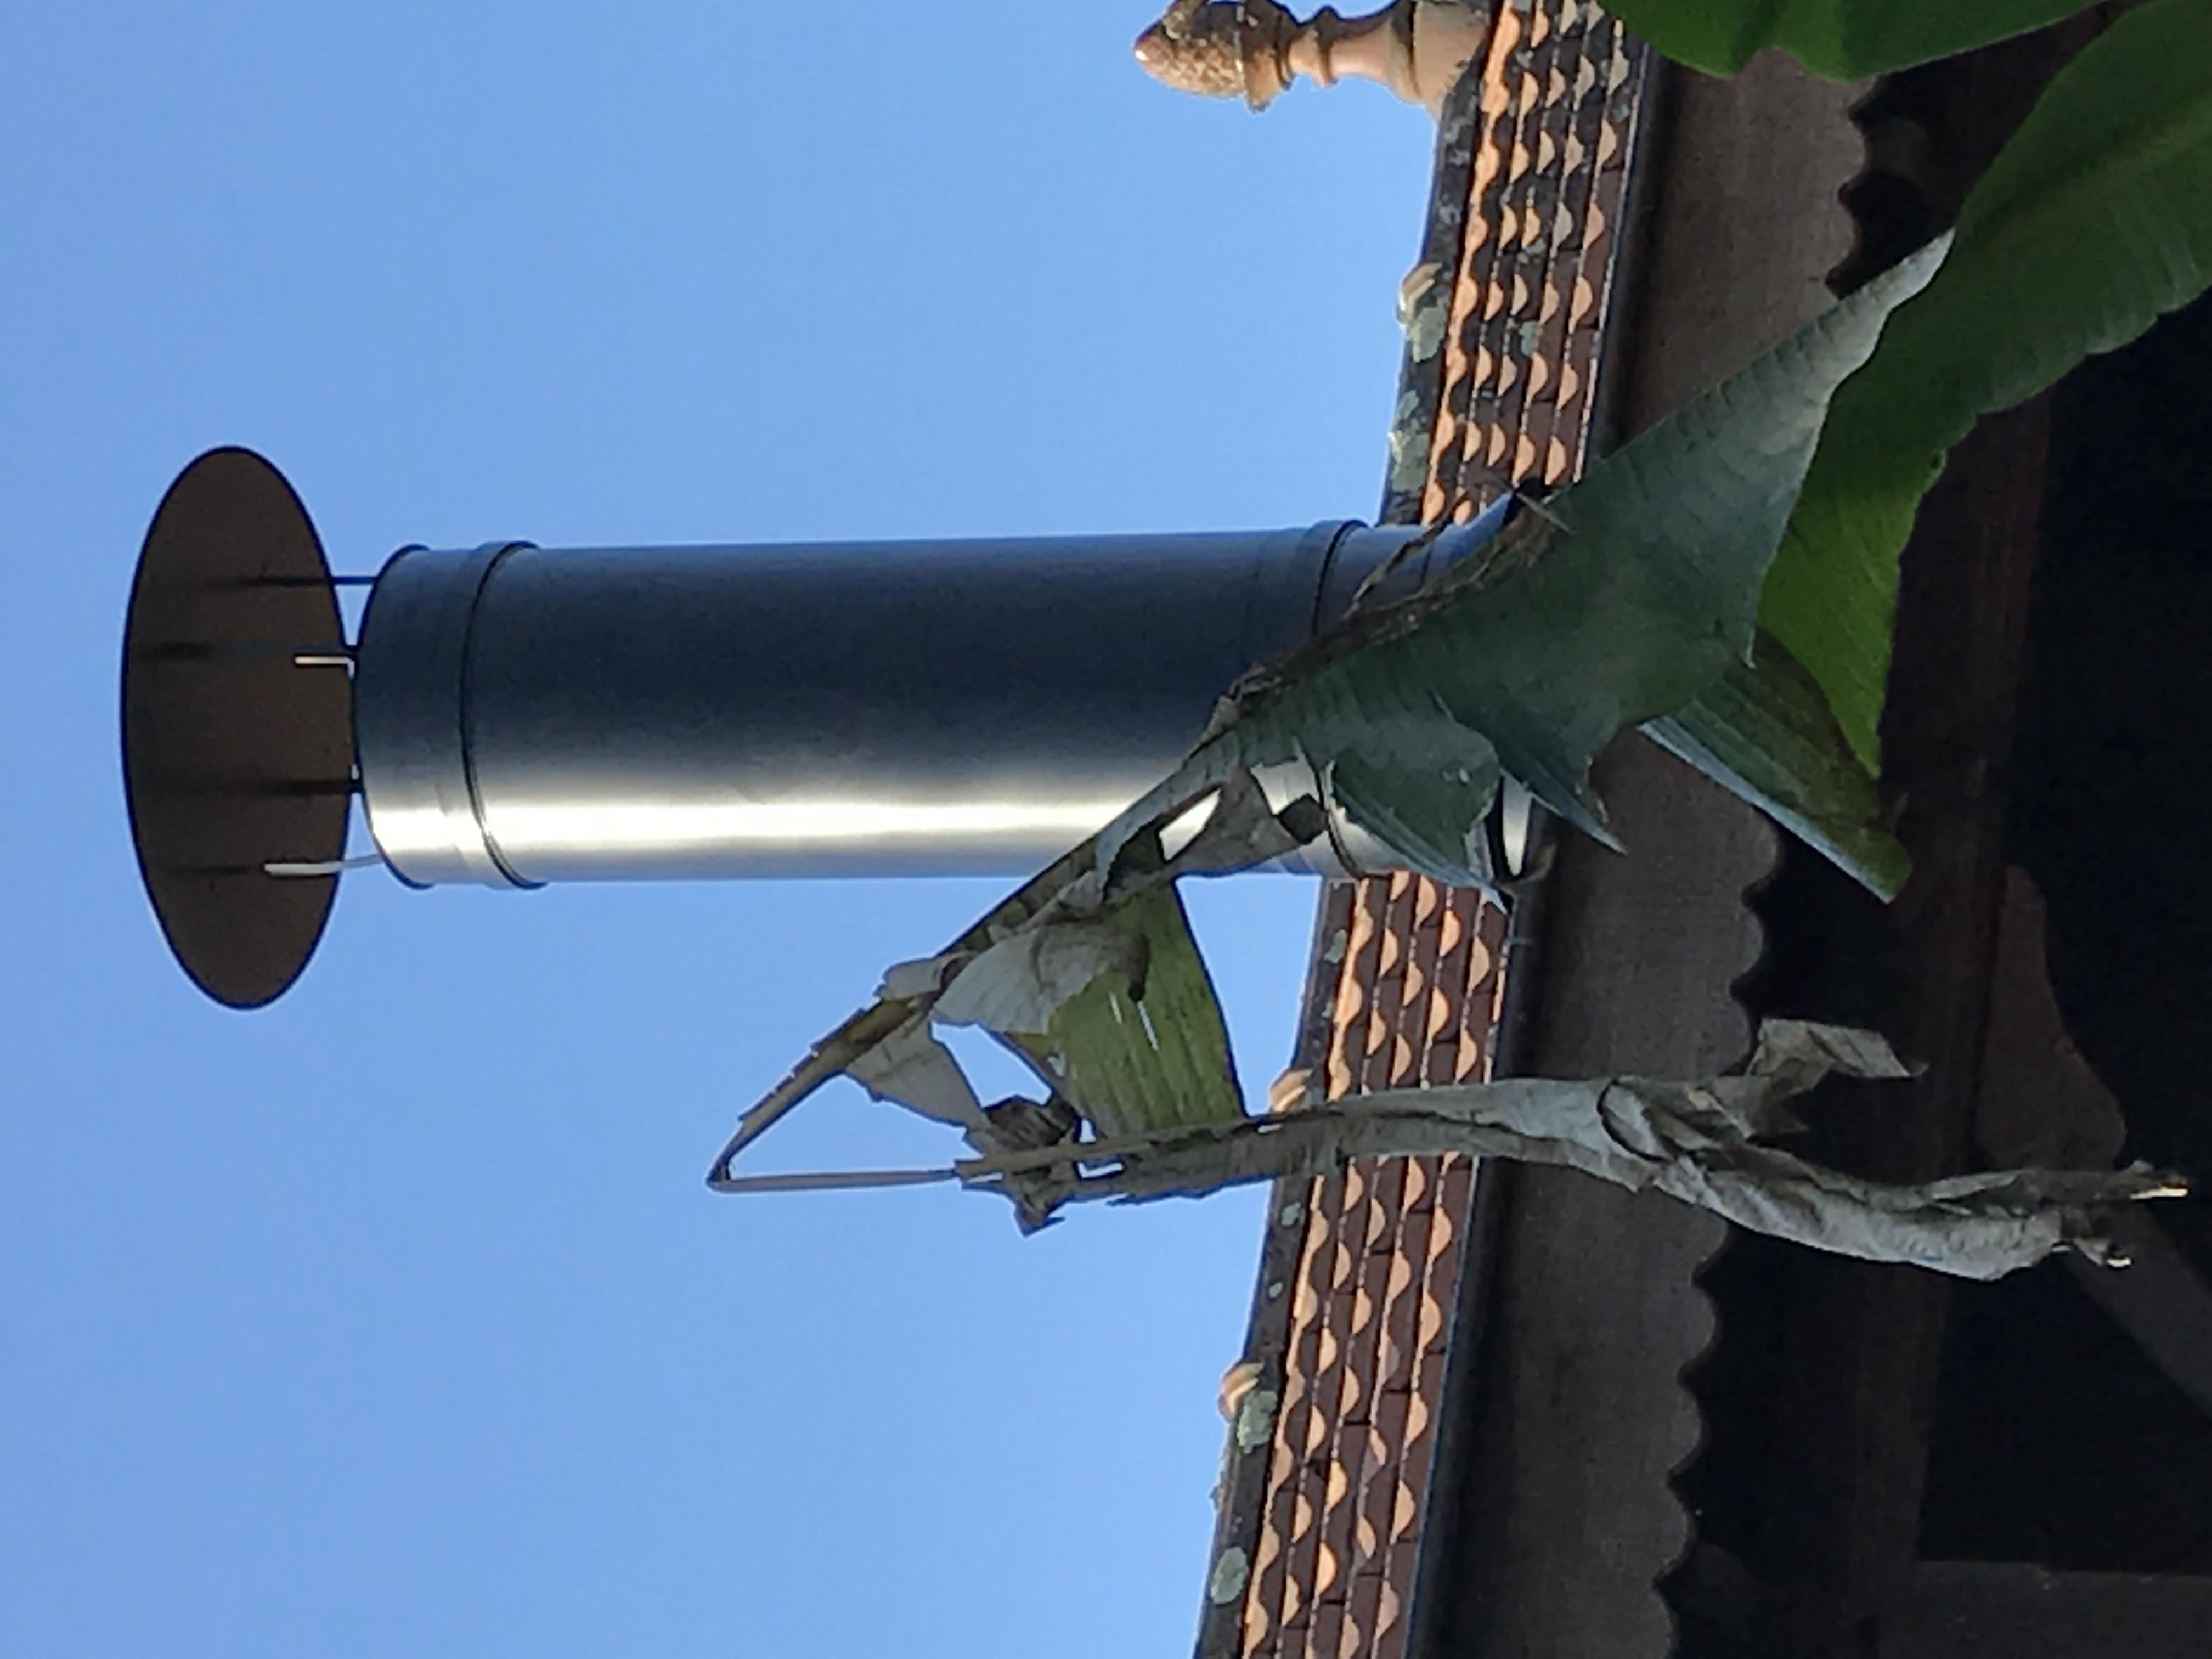 Entretien ramonage en Gironde